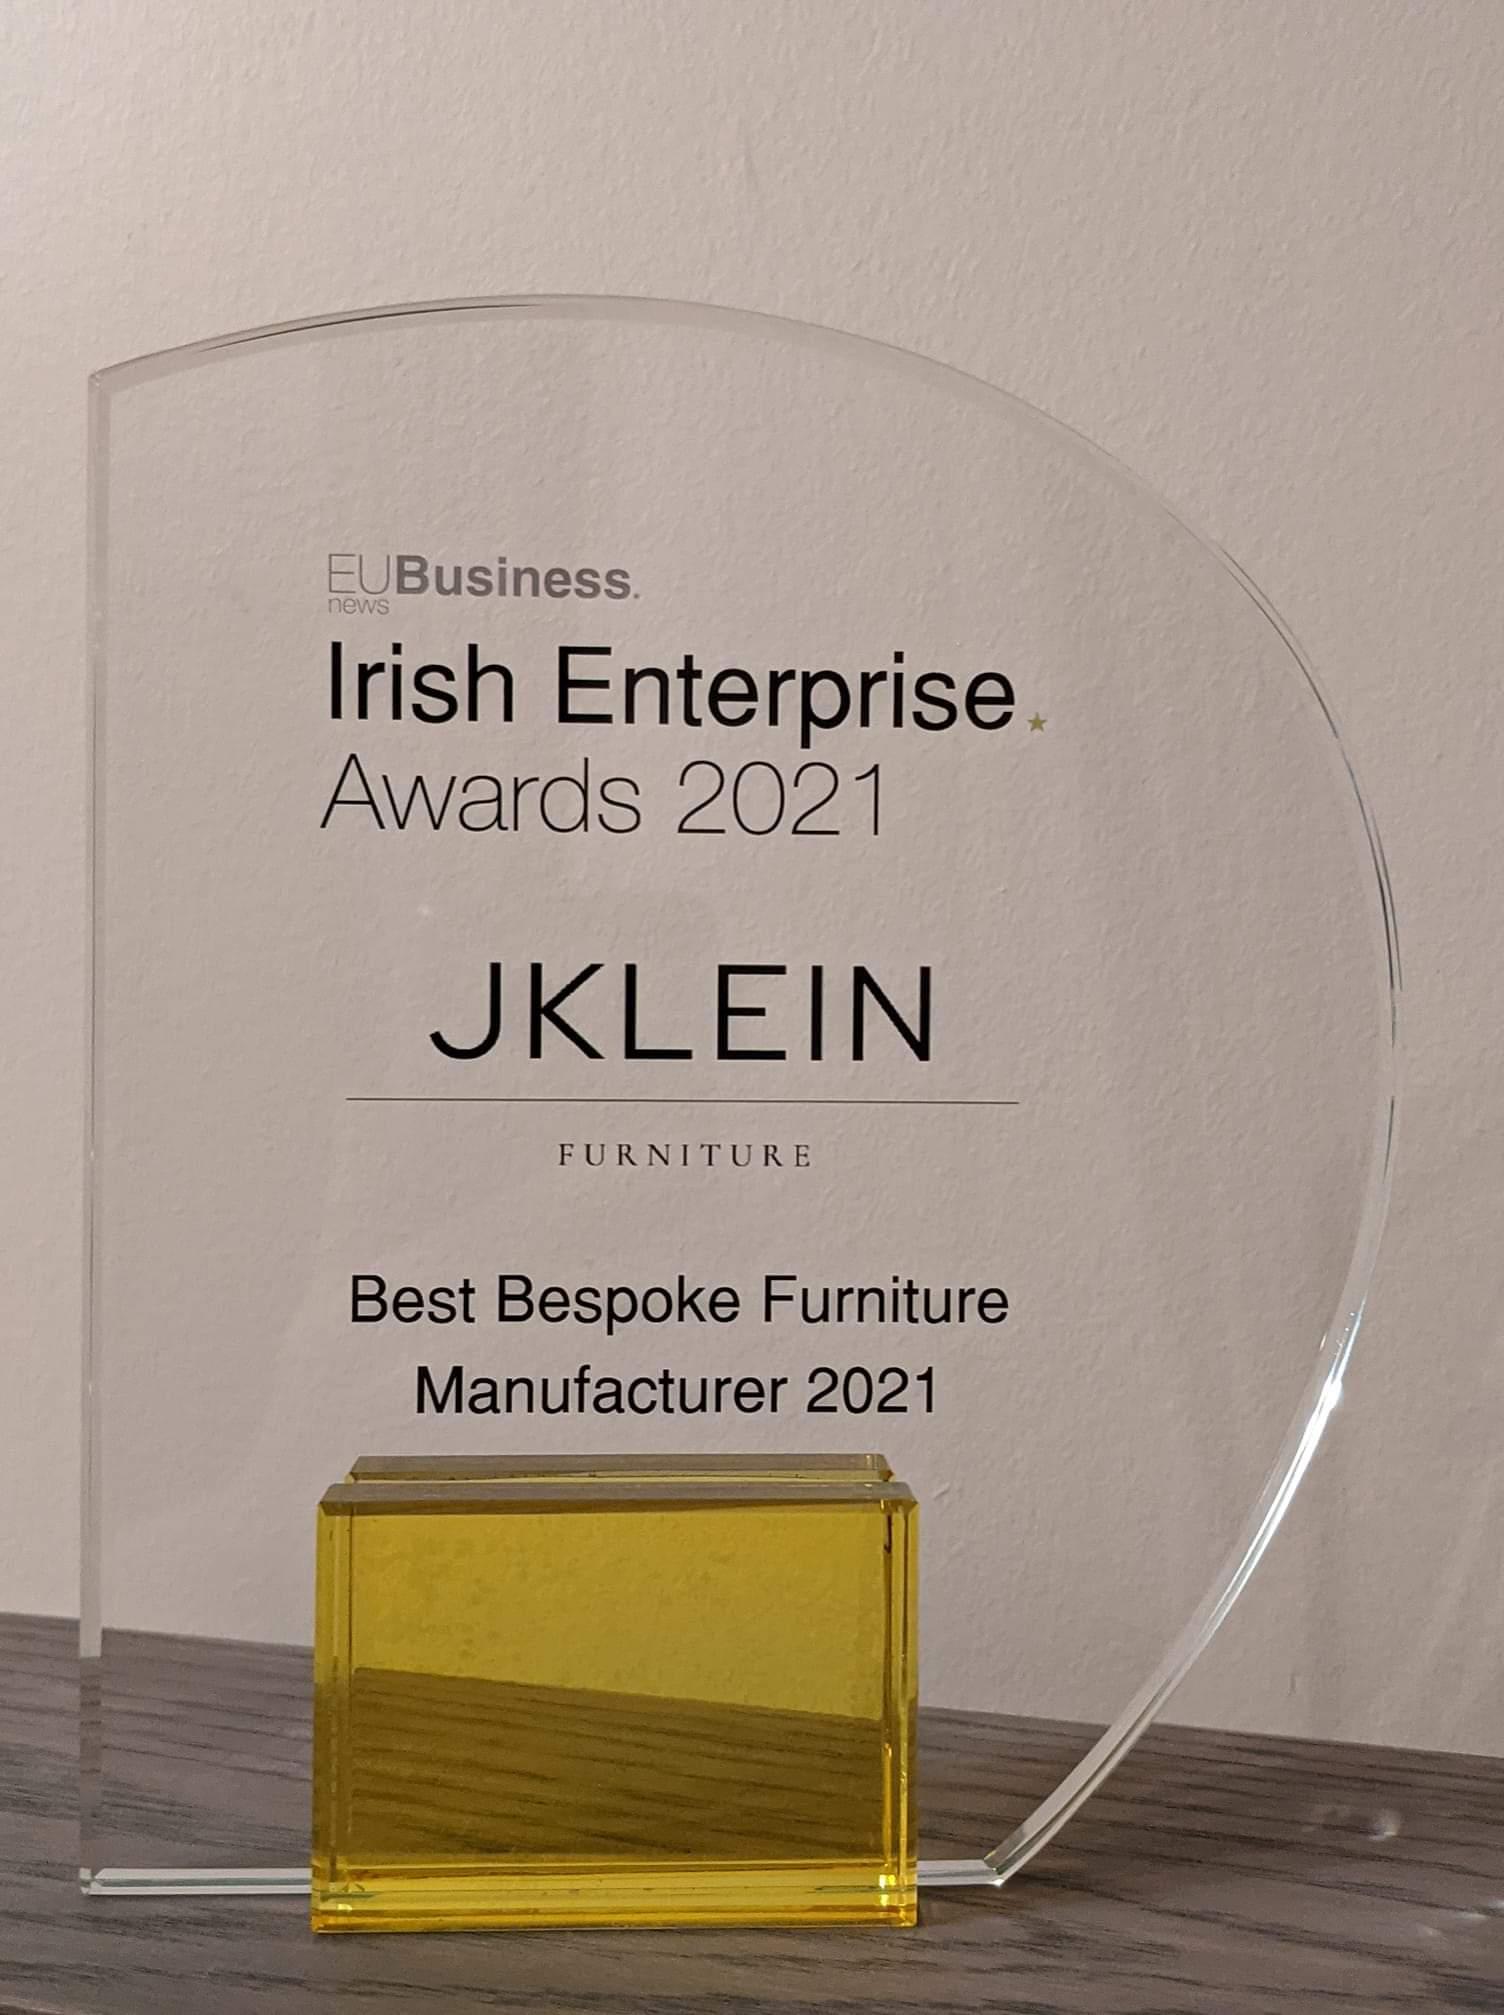 Best Bespoke Furniture Manufacturer Ireland